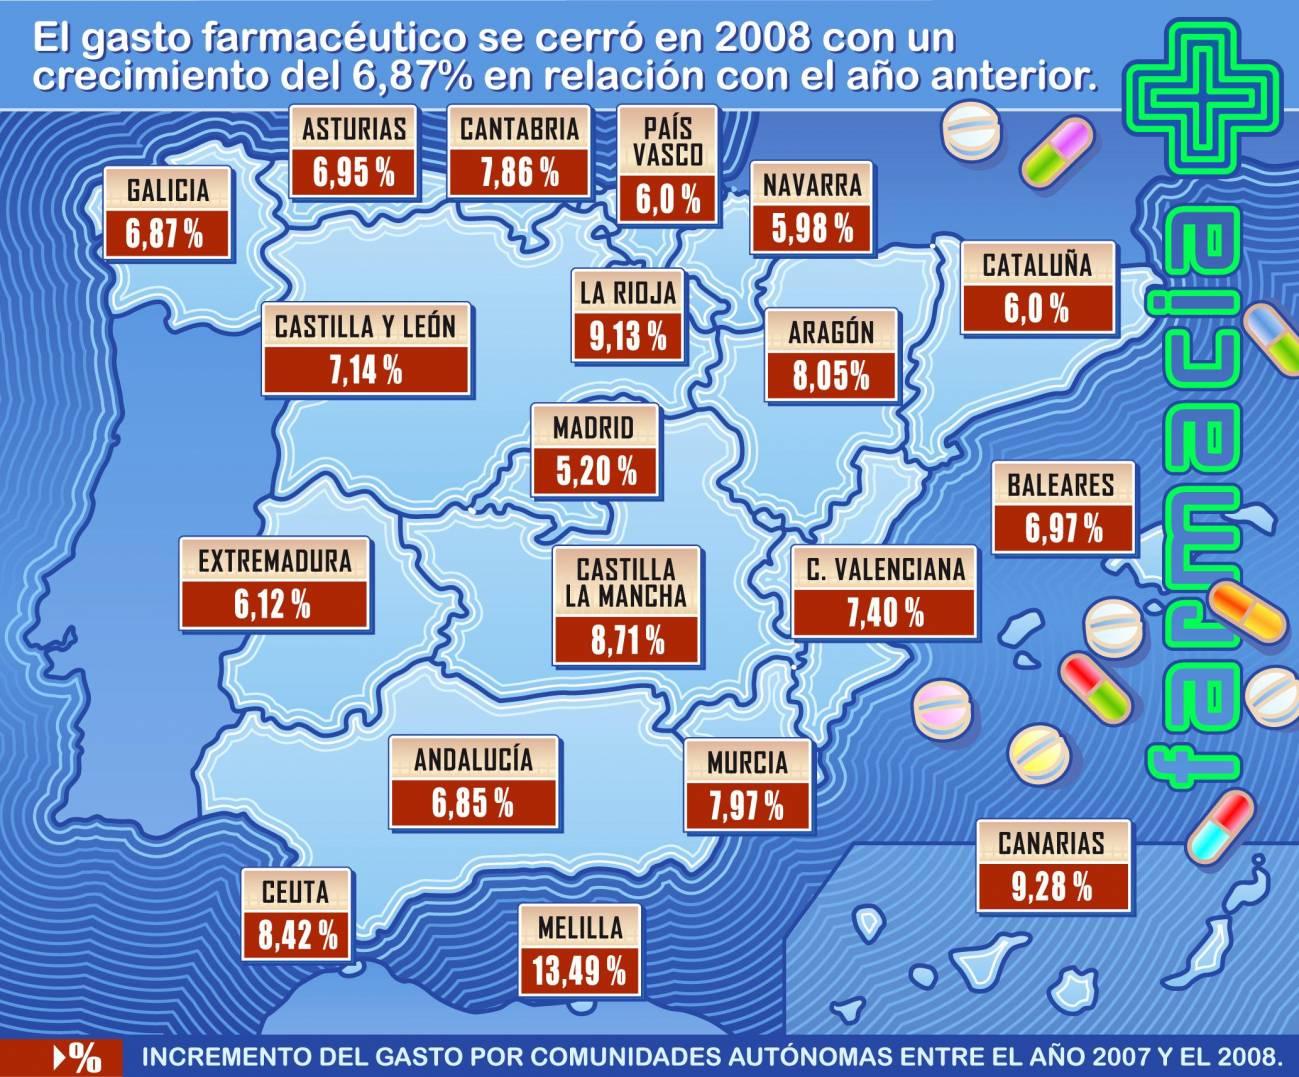 El gasto farmacéutico sigue creciendo en España